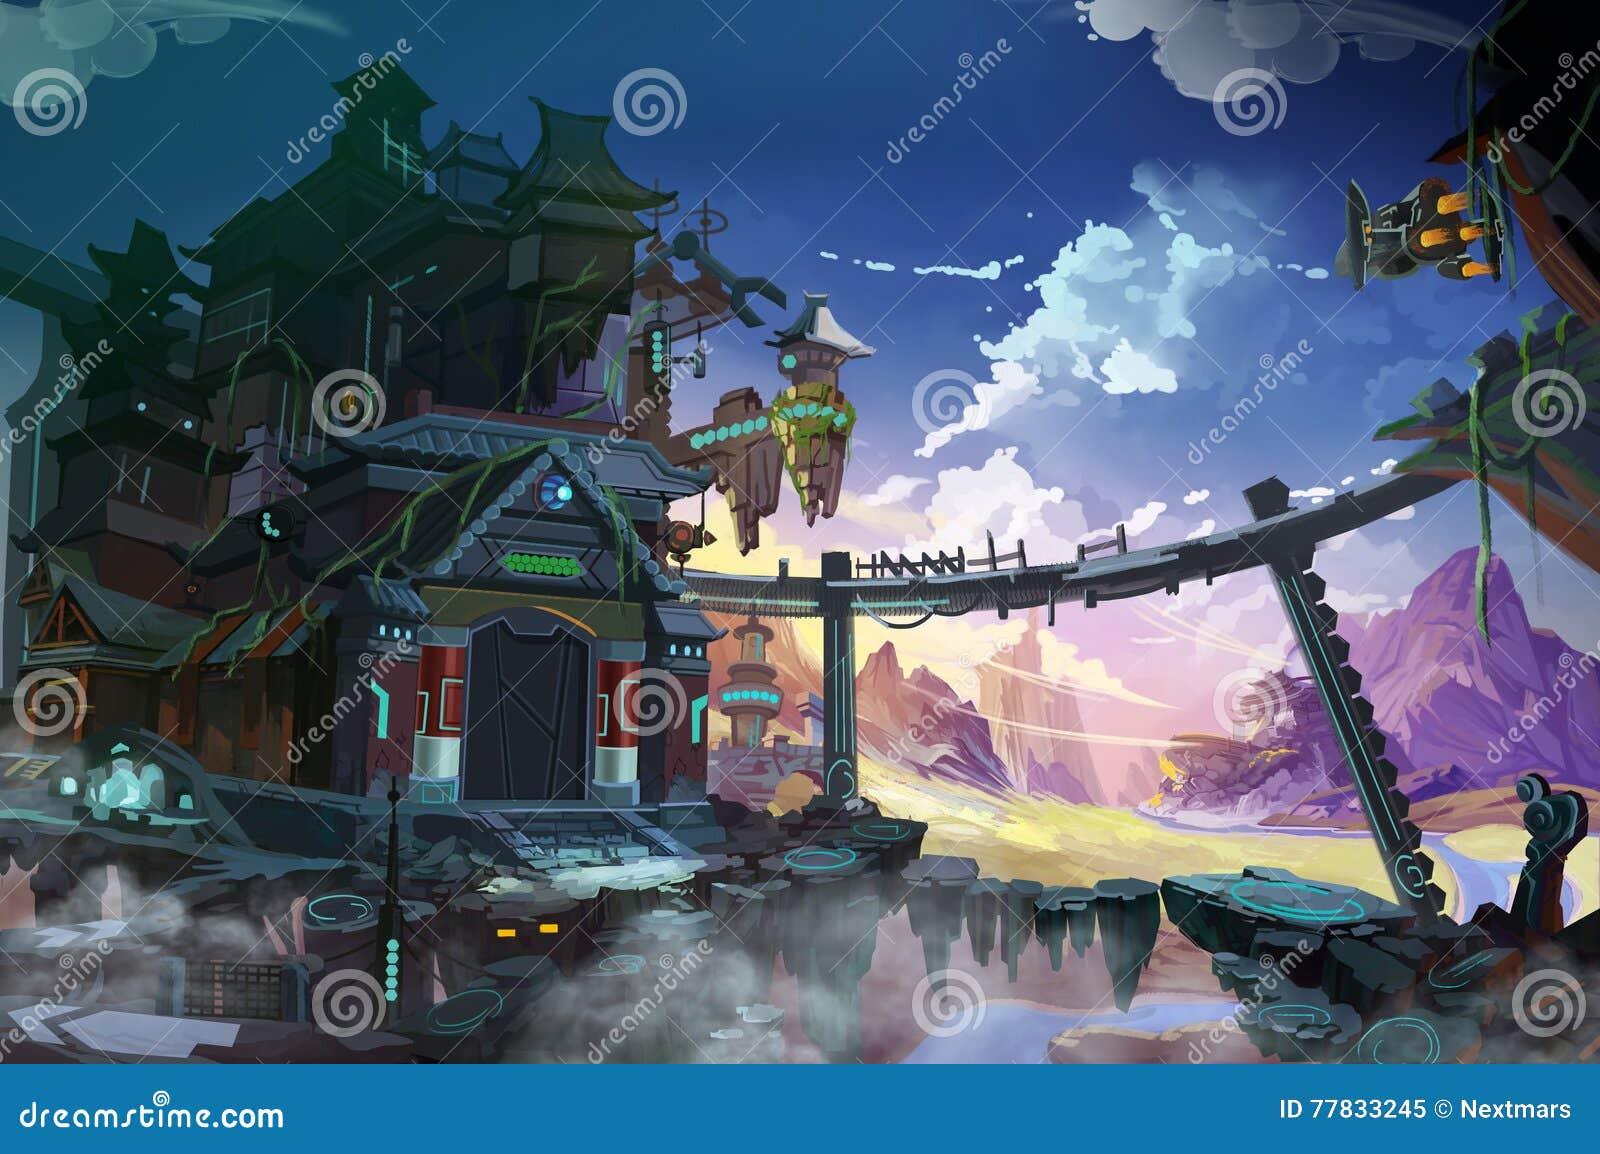 China fantástica Una imaginación combinada con futurista e histórico ambos